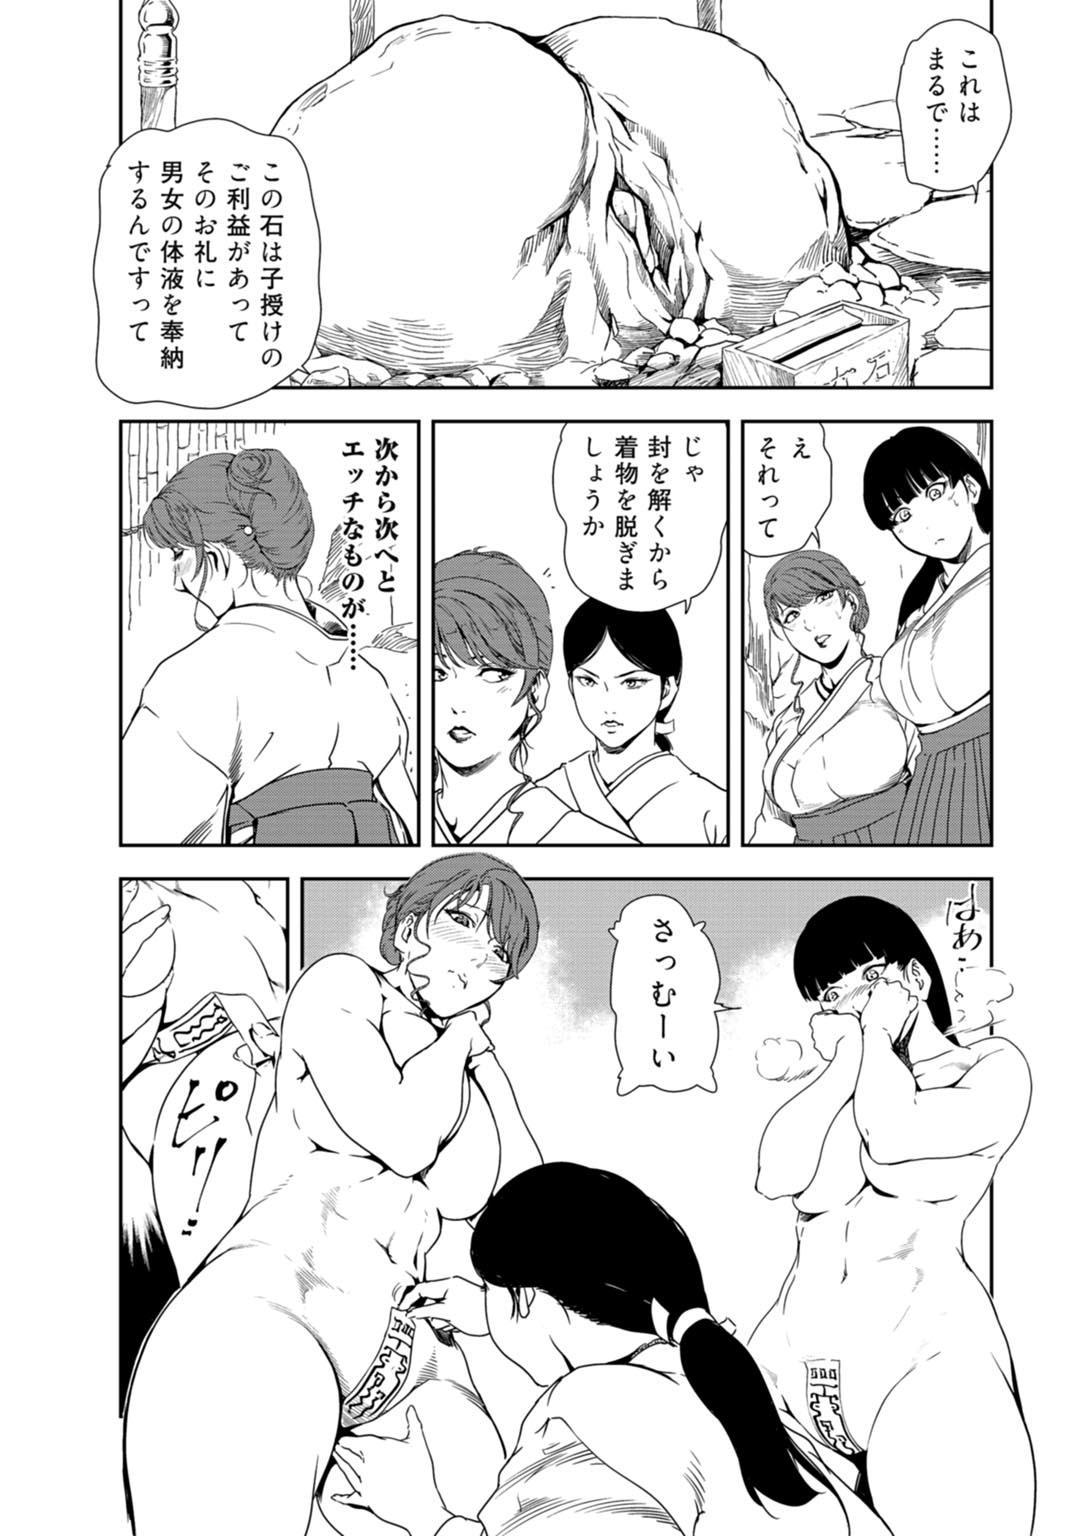 Nikuhisyo Yukiko 33 31